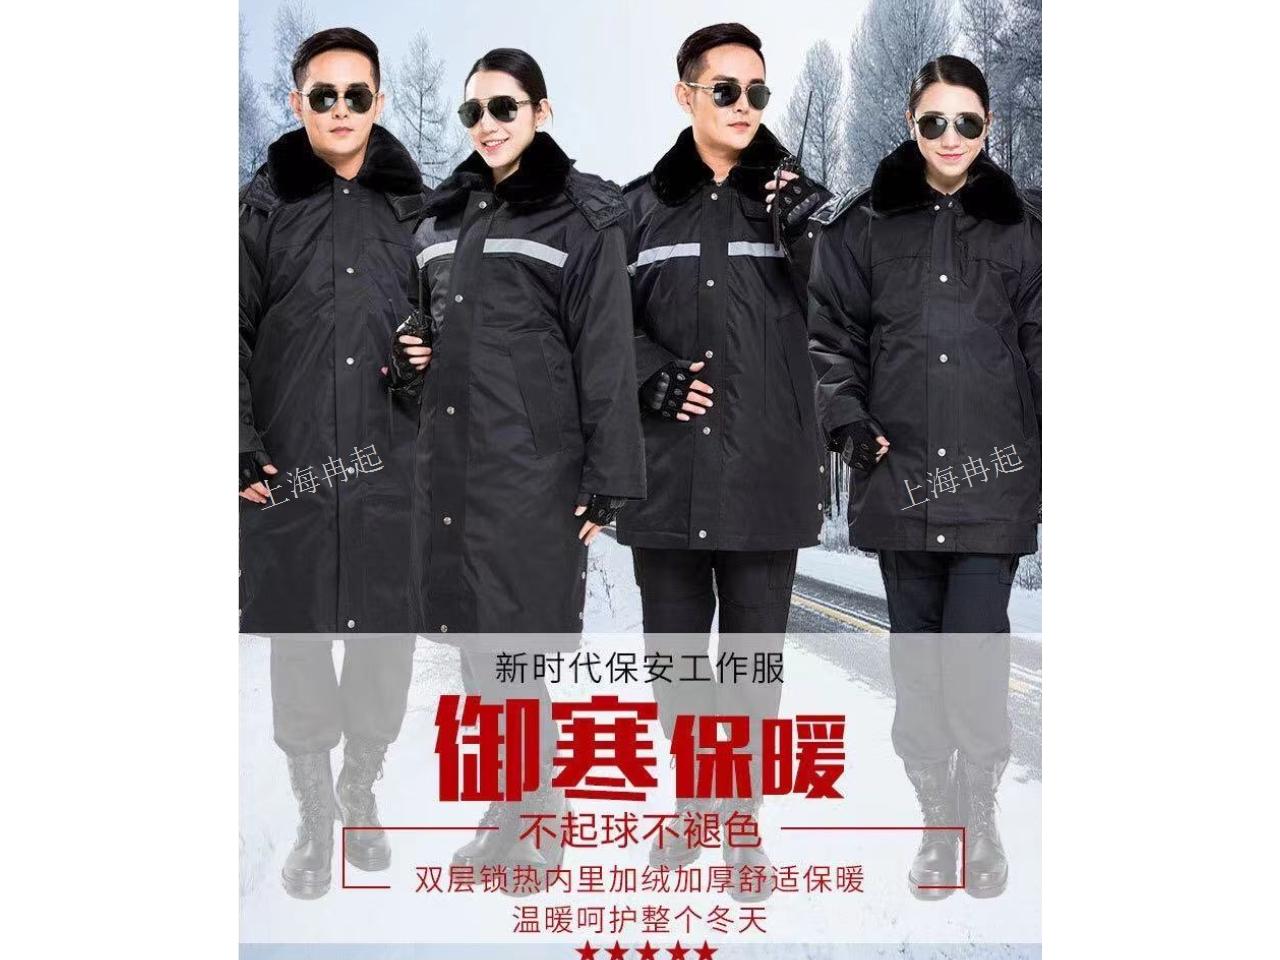 纯棉加厚工作服联系方式 推荐咨询「上海冉起服饰供应」